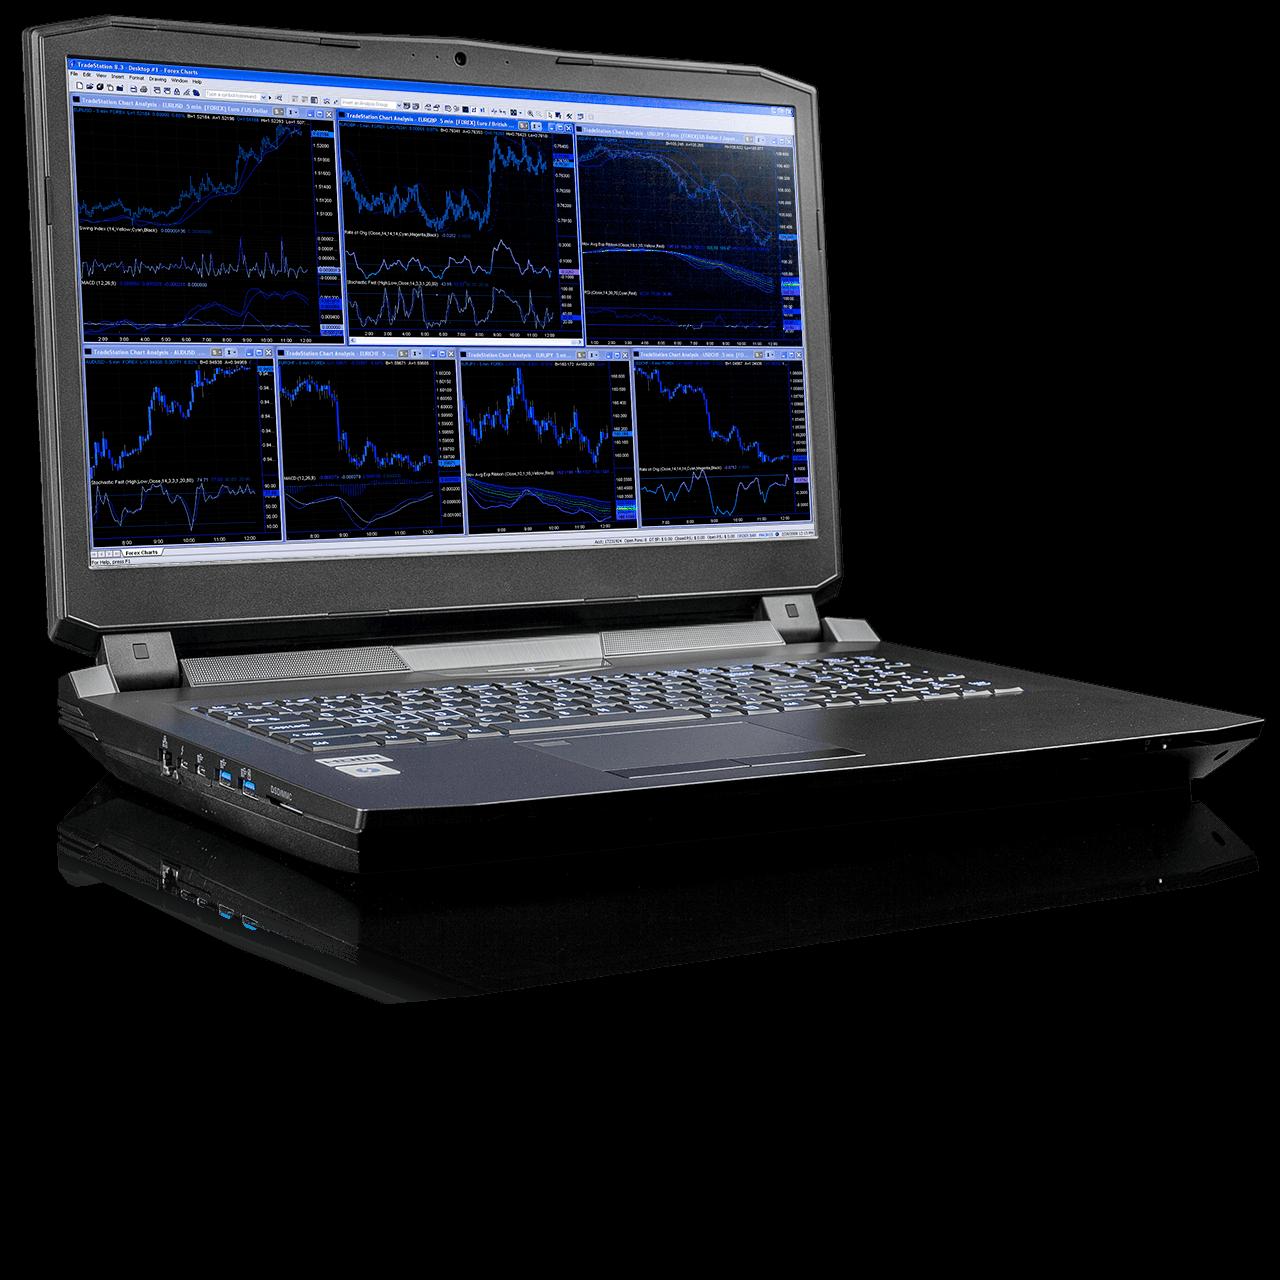 F-30 Trading Computer Angle